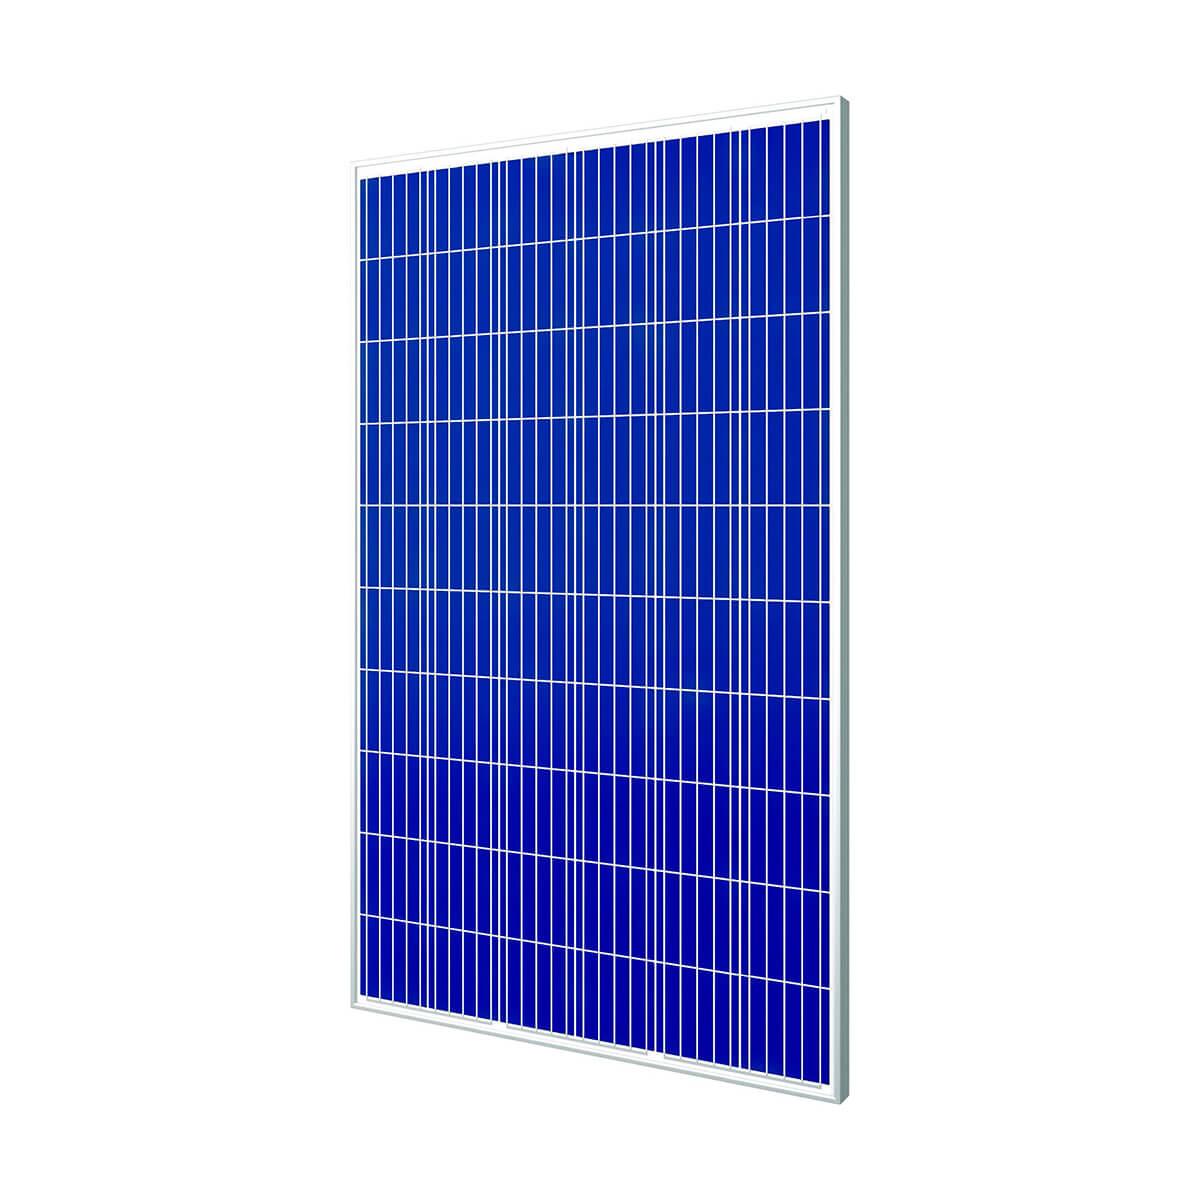 tommatech 285W panel, tommatech 285Watt panel, tommatech 285 W panel, tommatech 285 Watt panel, tommatech 285 Watt polikristal panel, tommatech 285 W watt gunes paneli, tommatech 285 W watt polikristal gunes paneli, tommatech 285 W Watt fotovoltaik polikristal solar panel, tommatech 285W polikristal gunes enerjisi, tommatech TT285-60P-285W panel, TOMMATECH 285 WATT